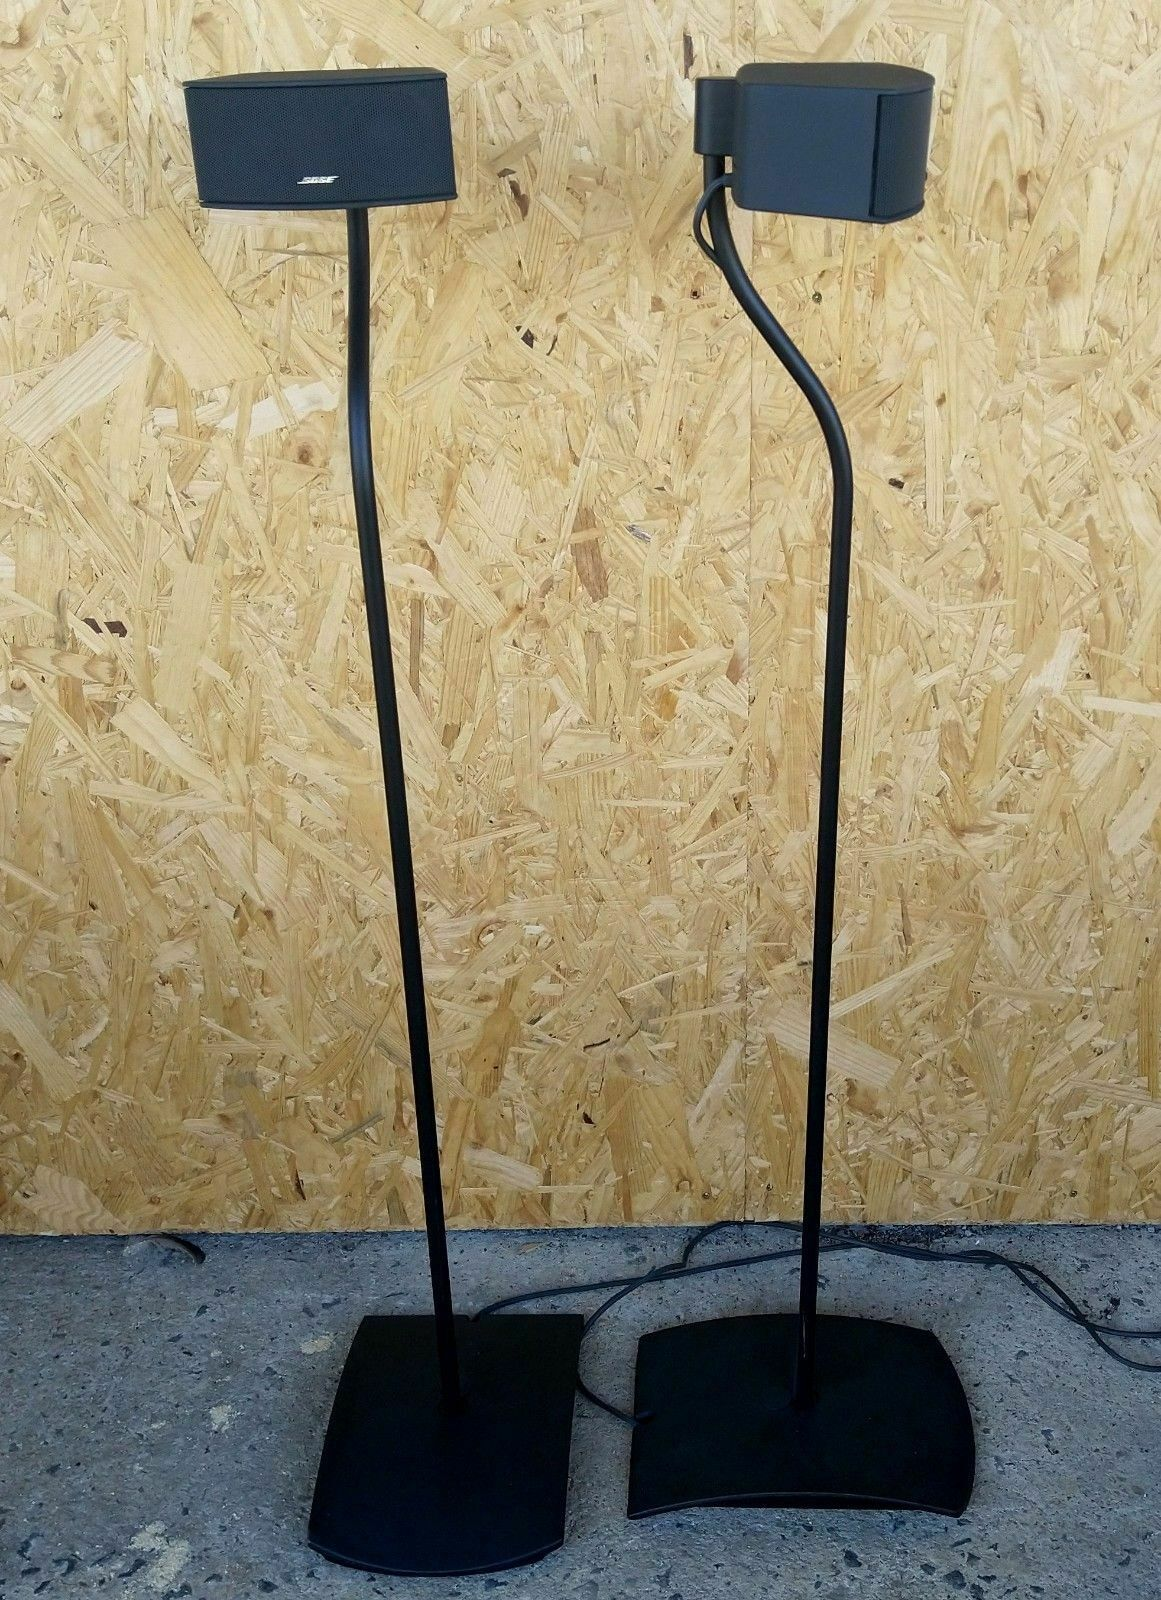 1 Paar Bose UFS 20 Bodenstative Lautsprecherständer Weiss starken Gebrauchspuren